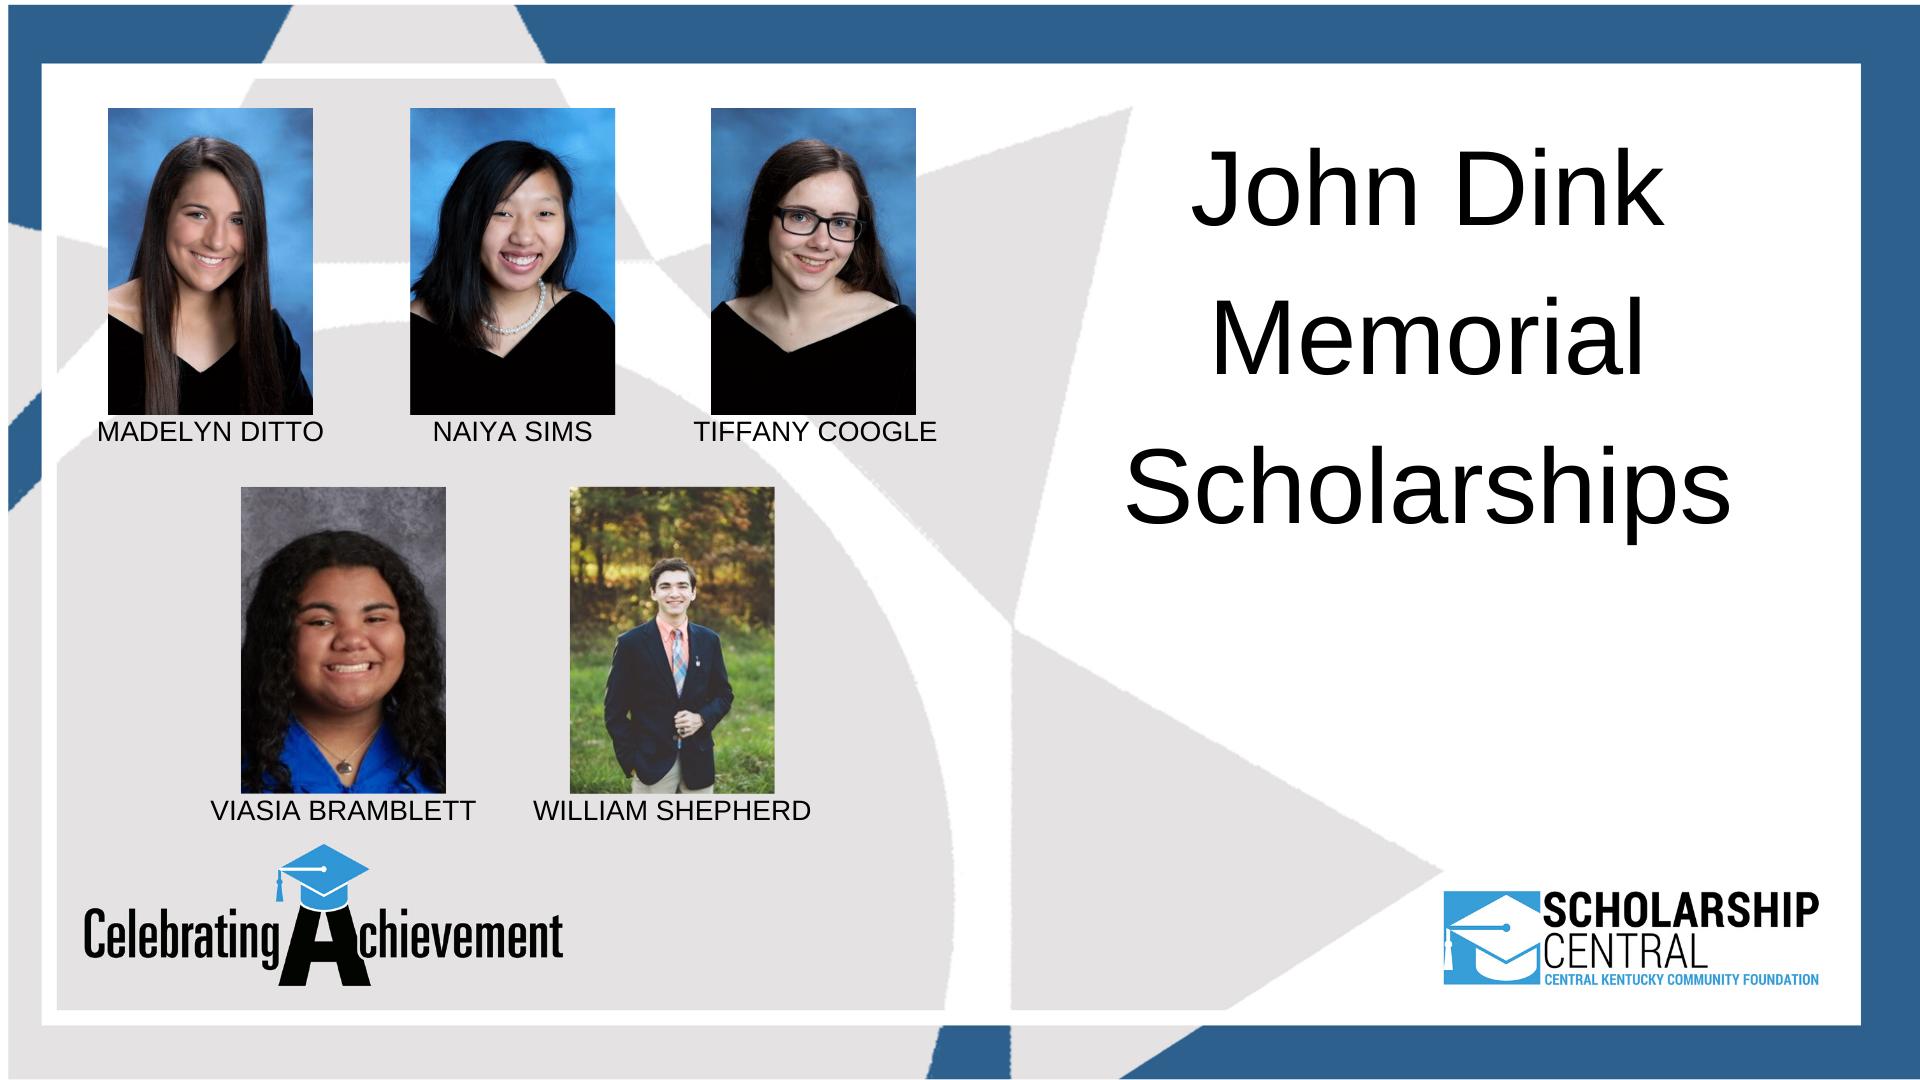 John Dirk Scholarship3 (1)